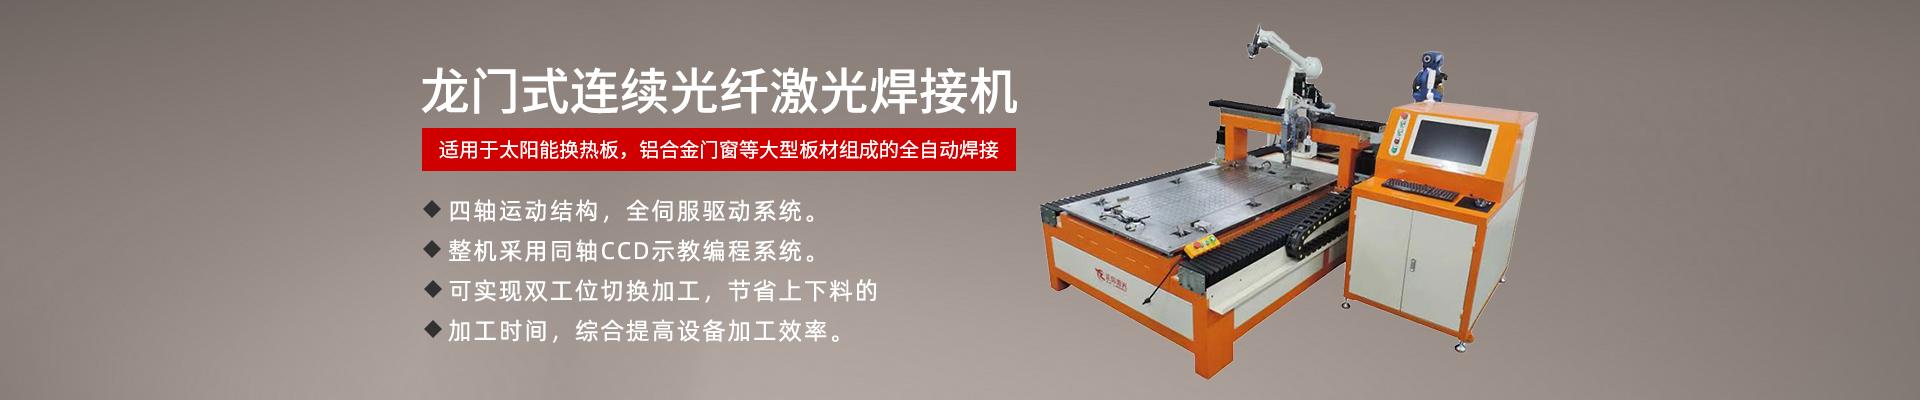 东莞市正信激光科技有限公司